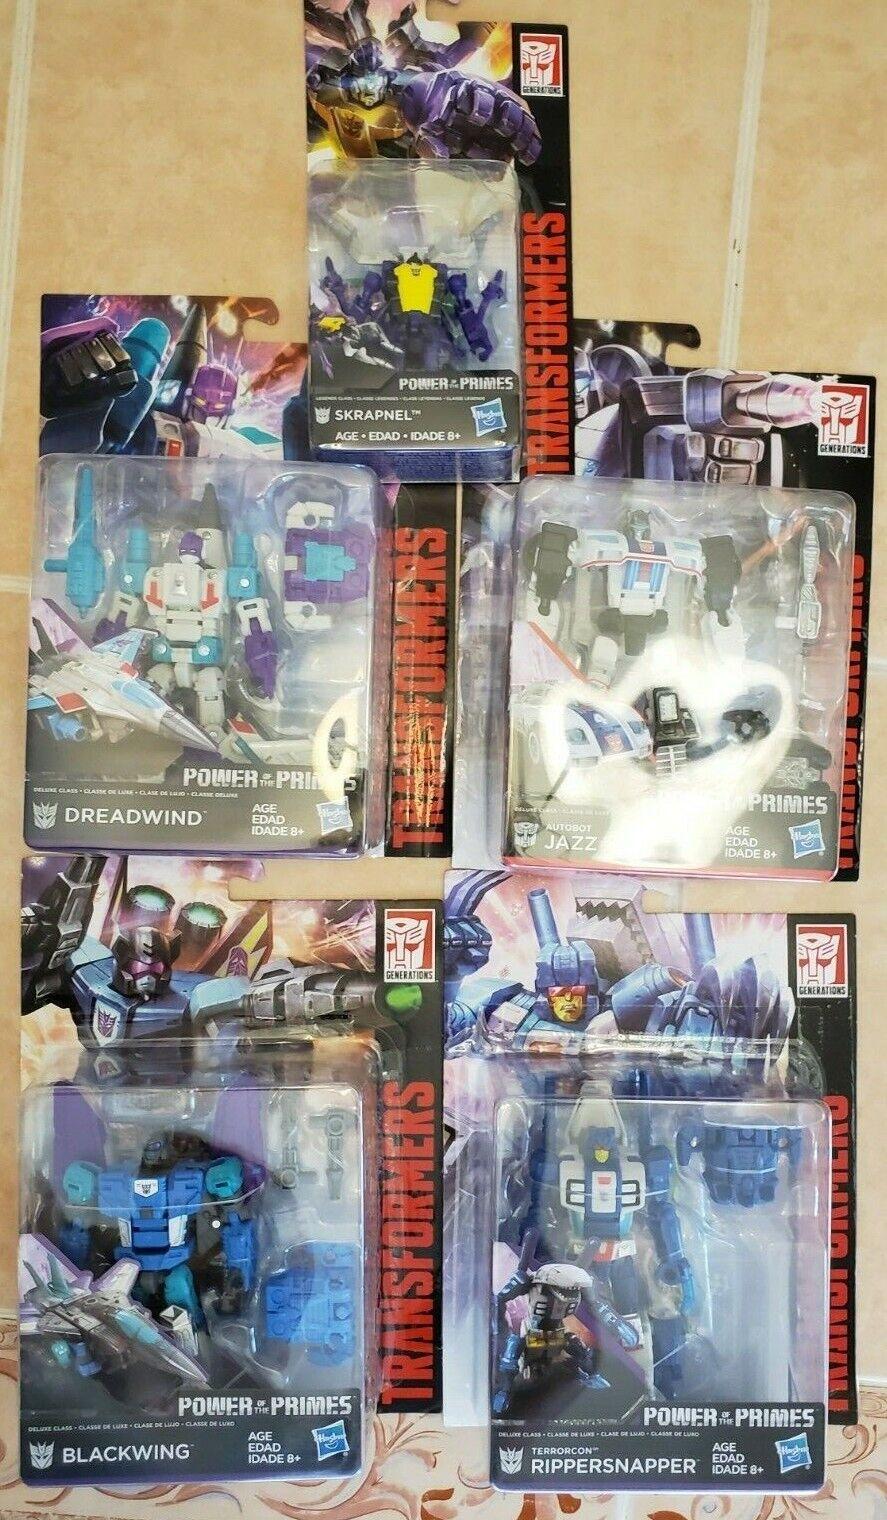 Transformers Power of the Primes JAZZ SKRAPNEL DREADWIND BLACKWING RIPPERSNAPPER